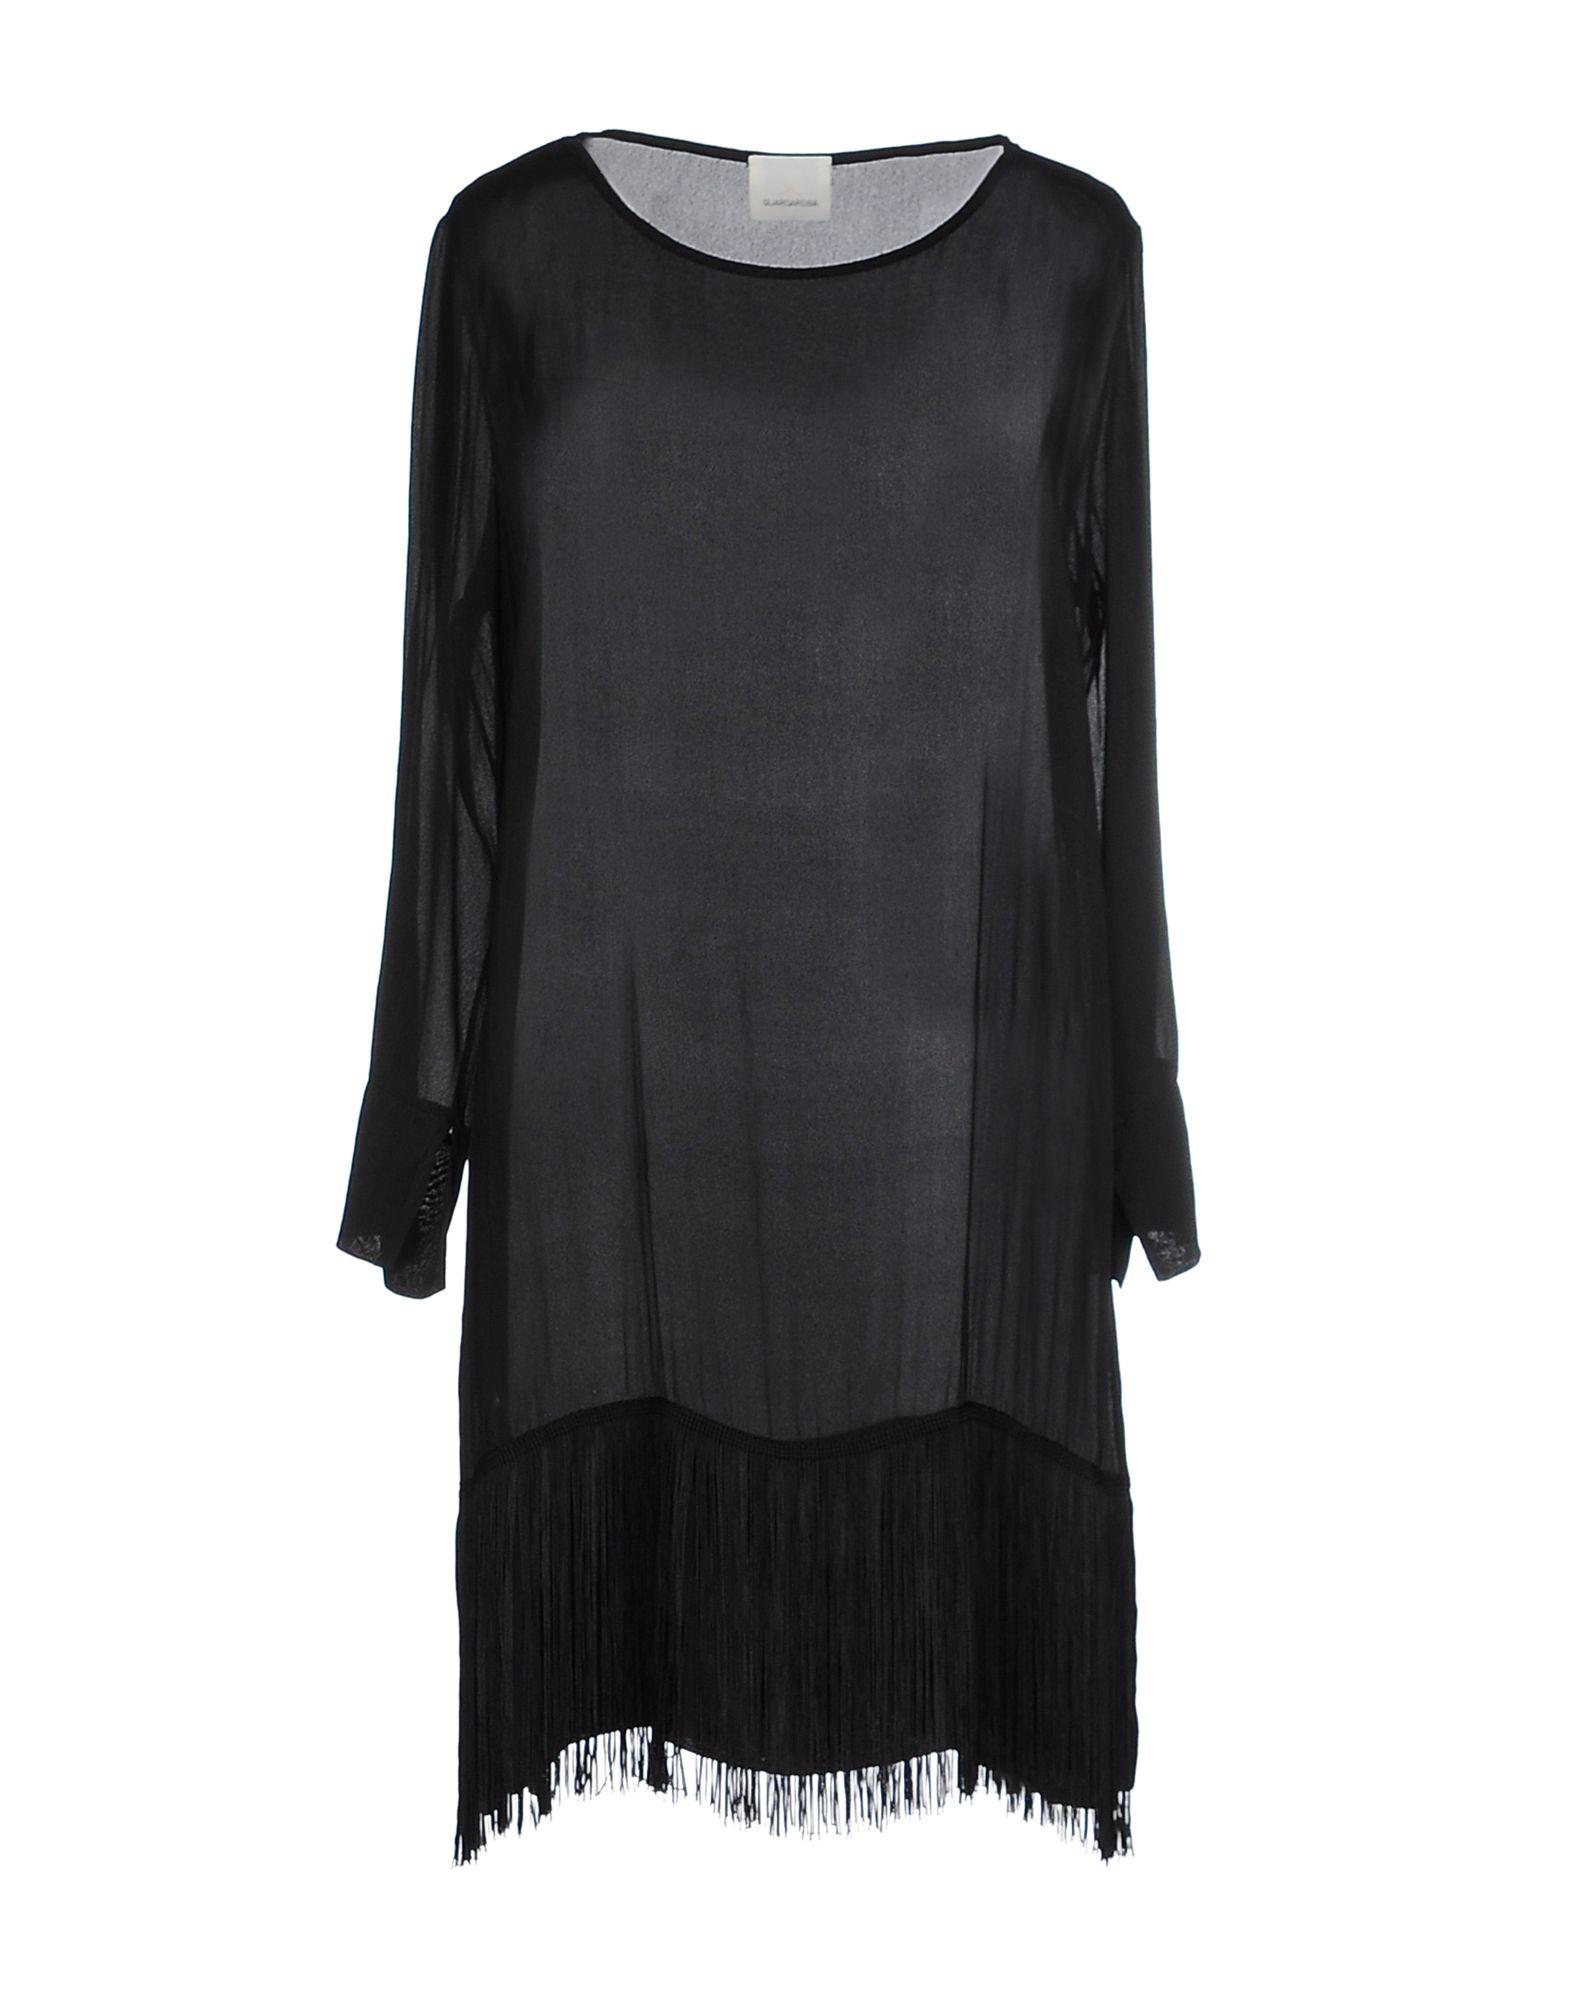 GUARDAROBA by ANIYE BY Damen Kurzes Kleid Farbe Schwarz Größe 3